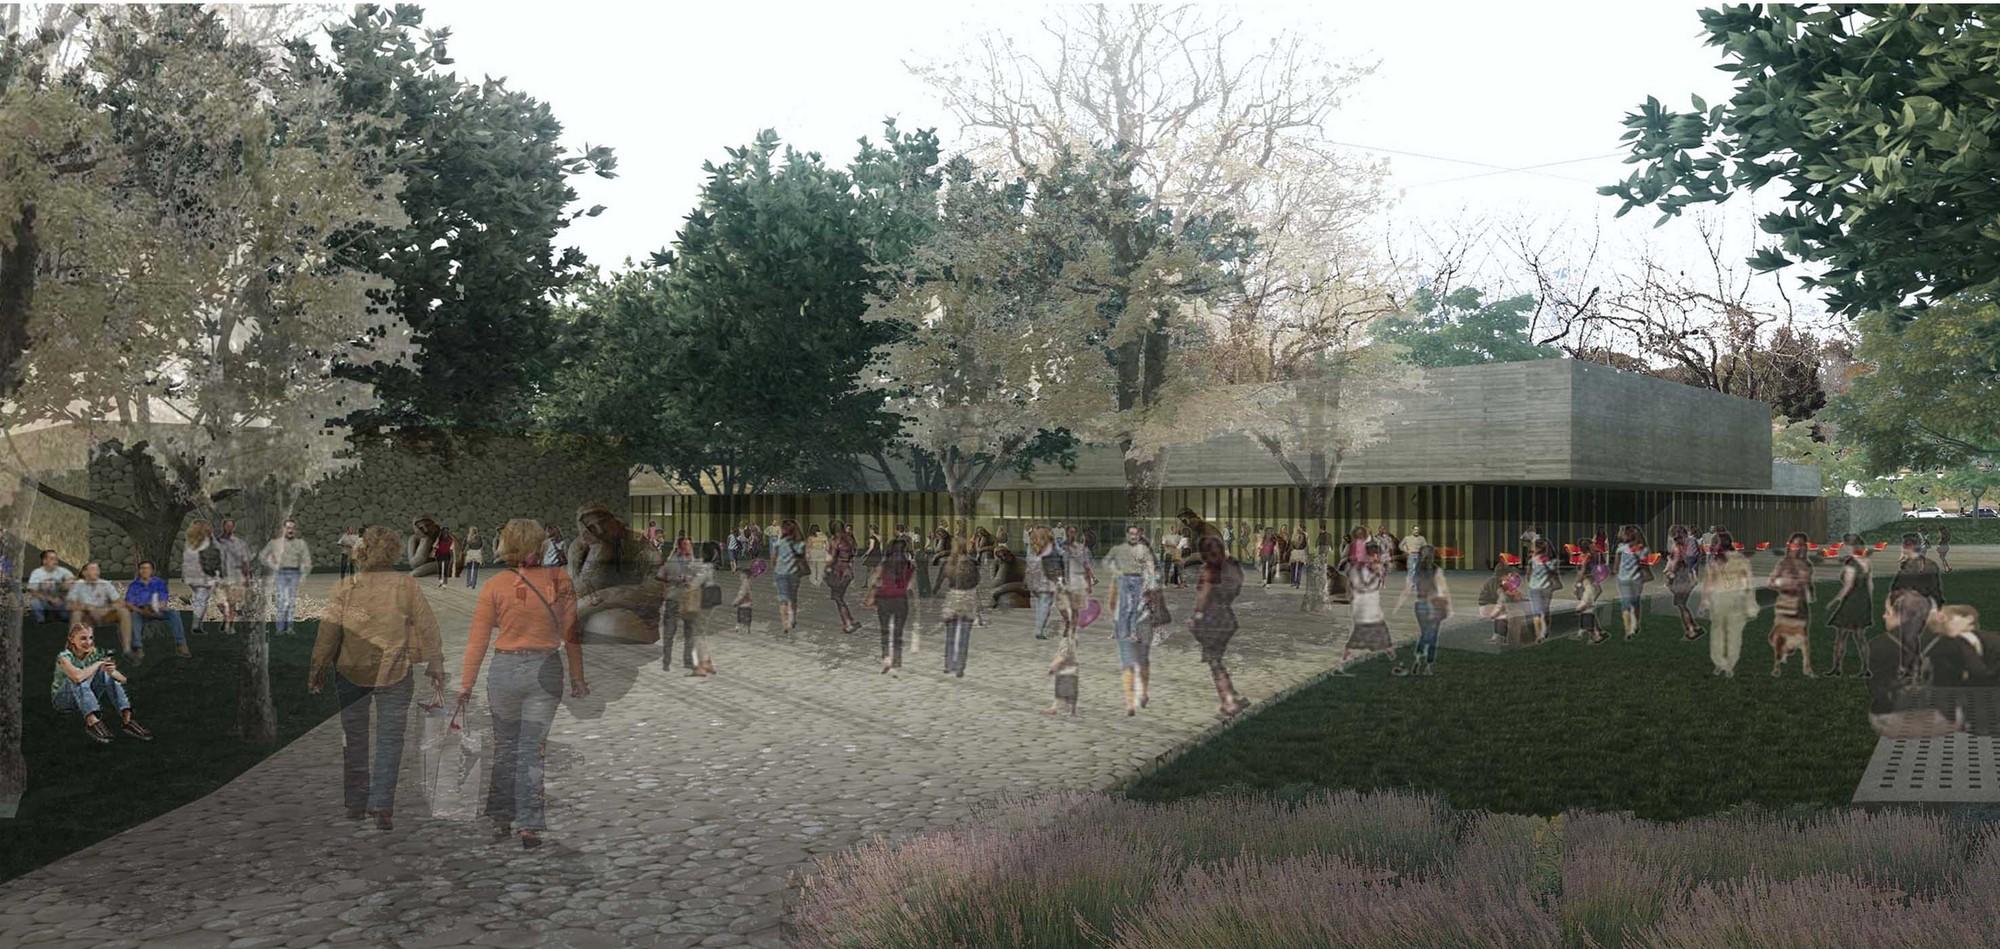 Primer Lugar Concurso nacional de anteproyectos para el Museo Sanmartiniano de Mendoza, © Equipo Primer Lugar